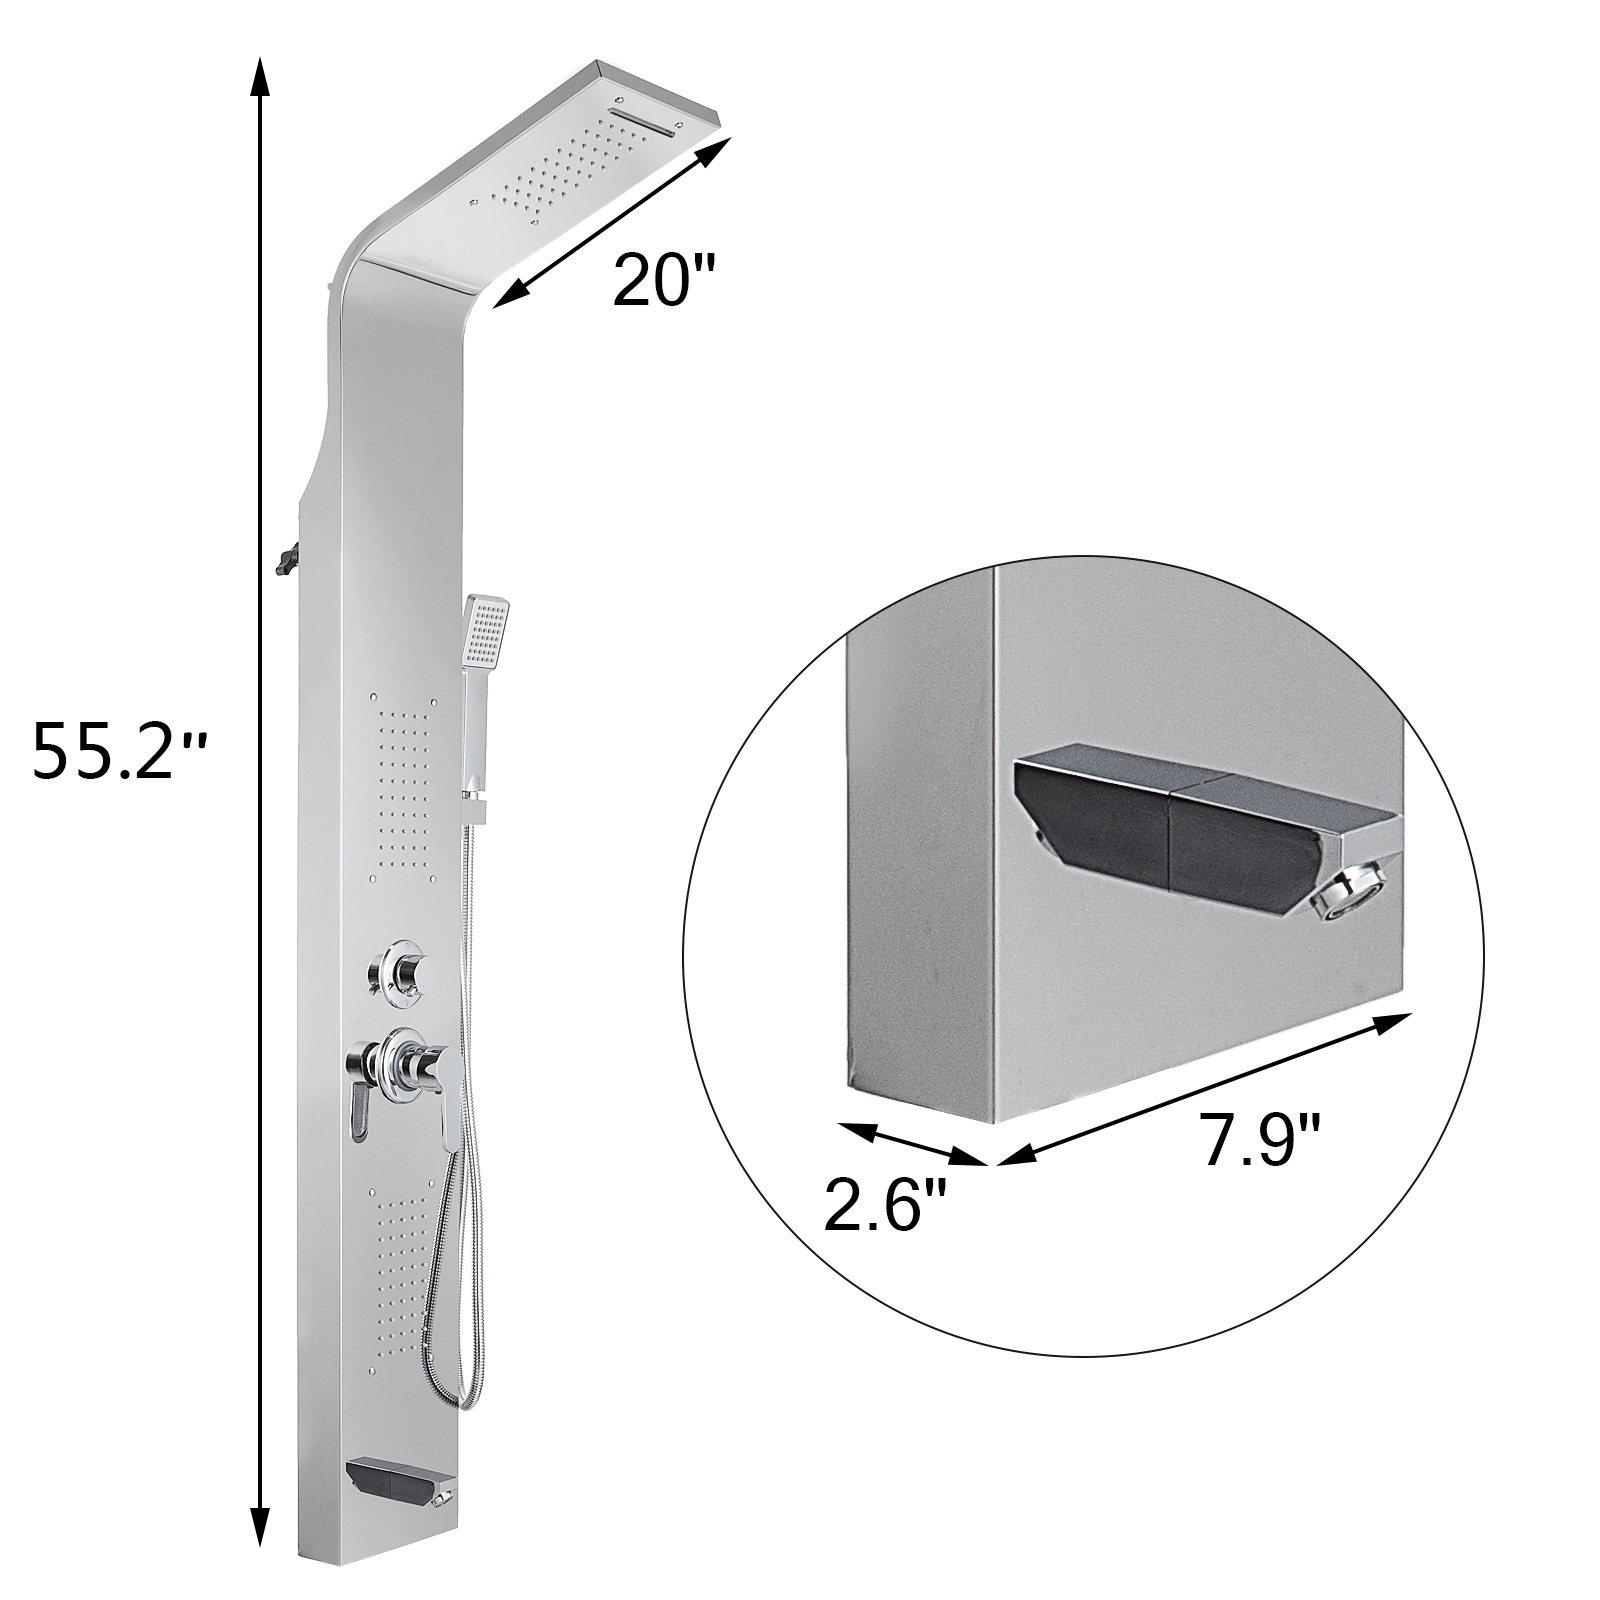 Pannello-doccia-idromassaggio-colonna-in-acciaio-inossidabile-con-miscelatore miniatura 26